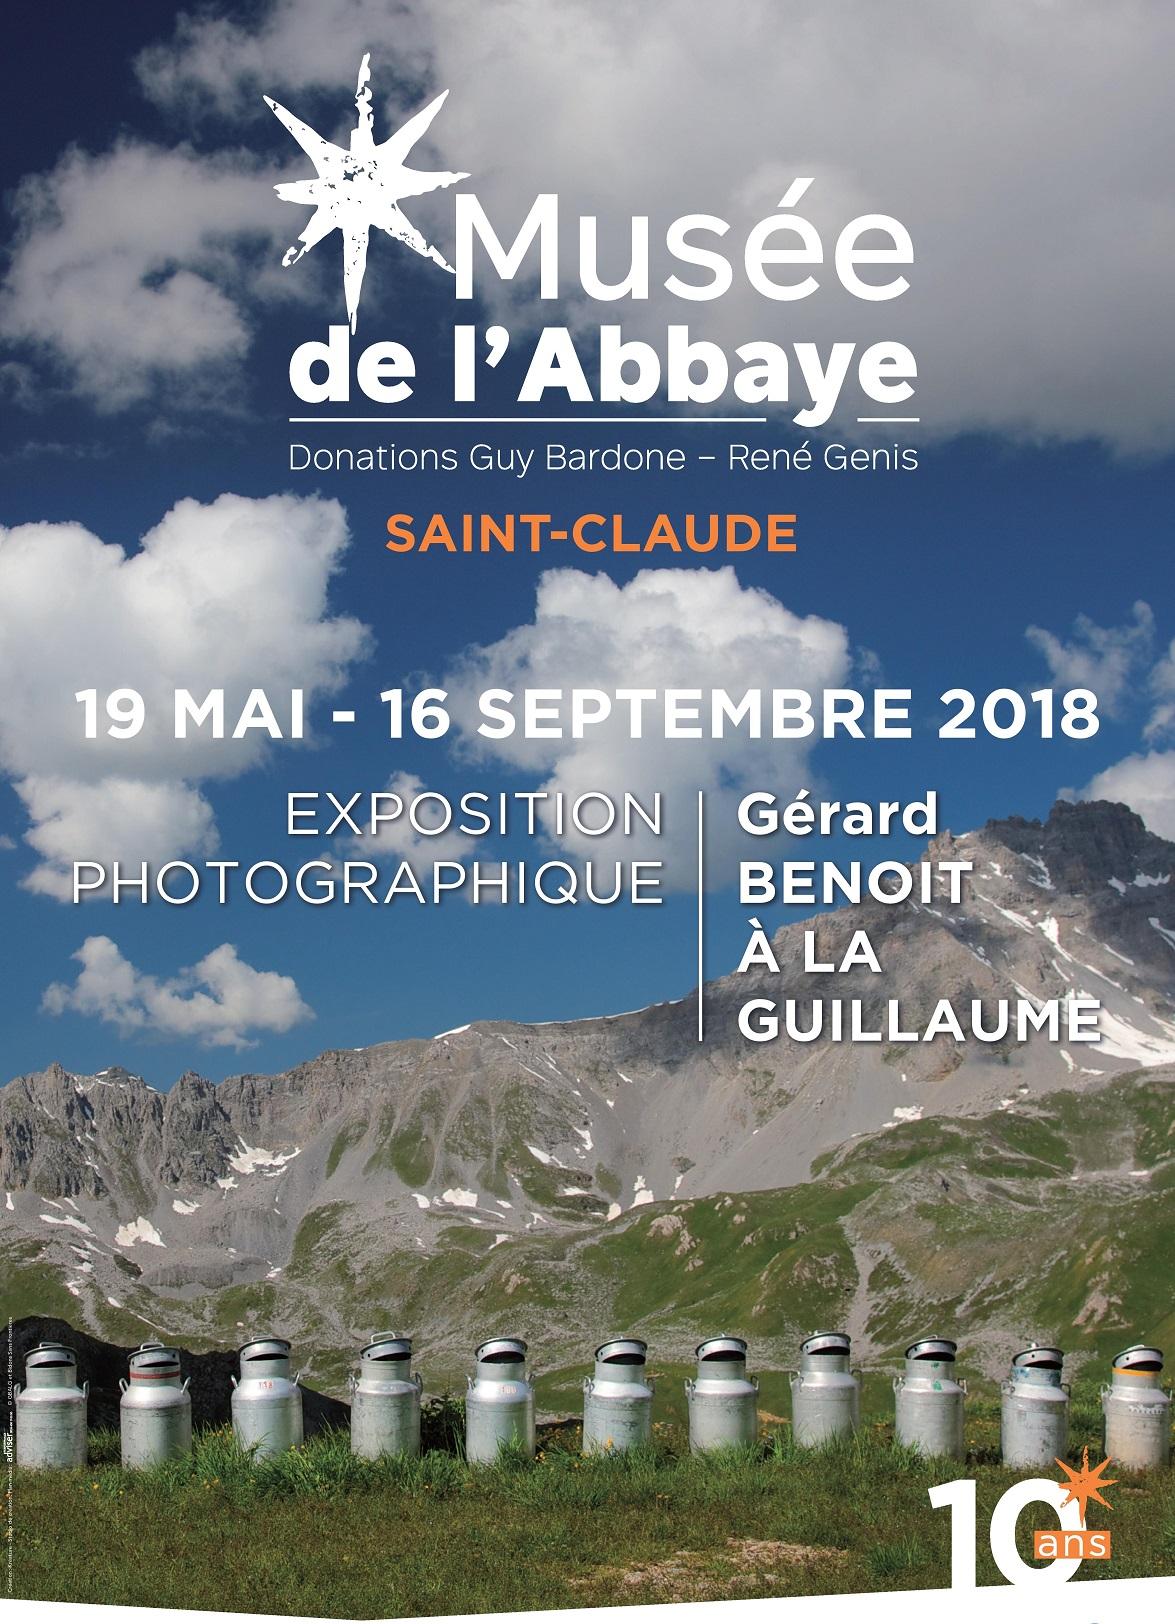 Musée de l'Abbaye de Saint-Claude – Bidons sans frontières